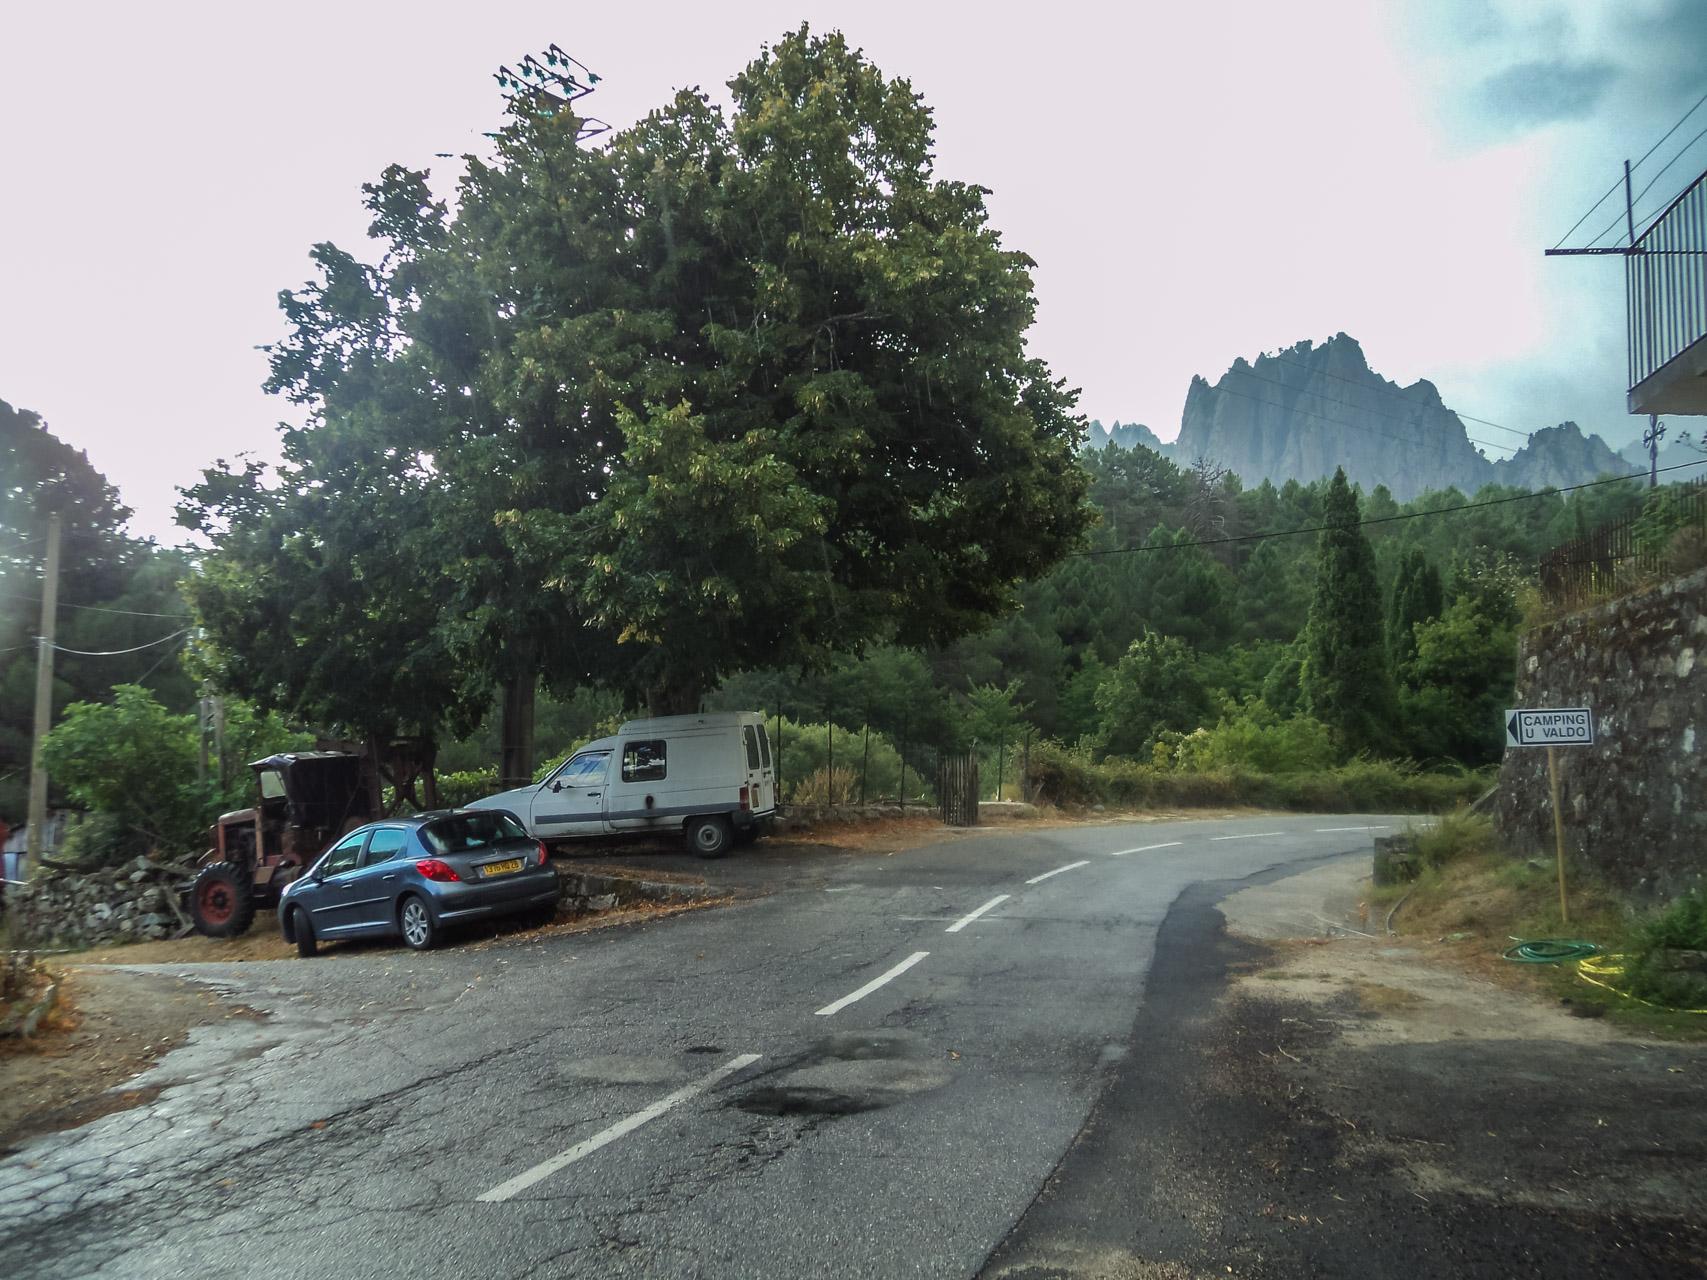 Camping U Valdo